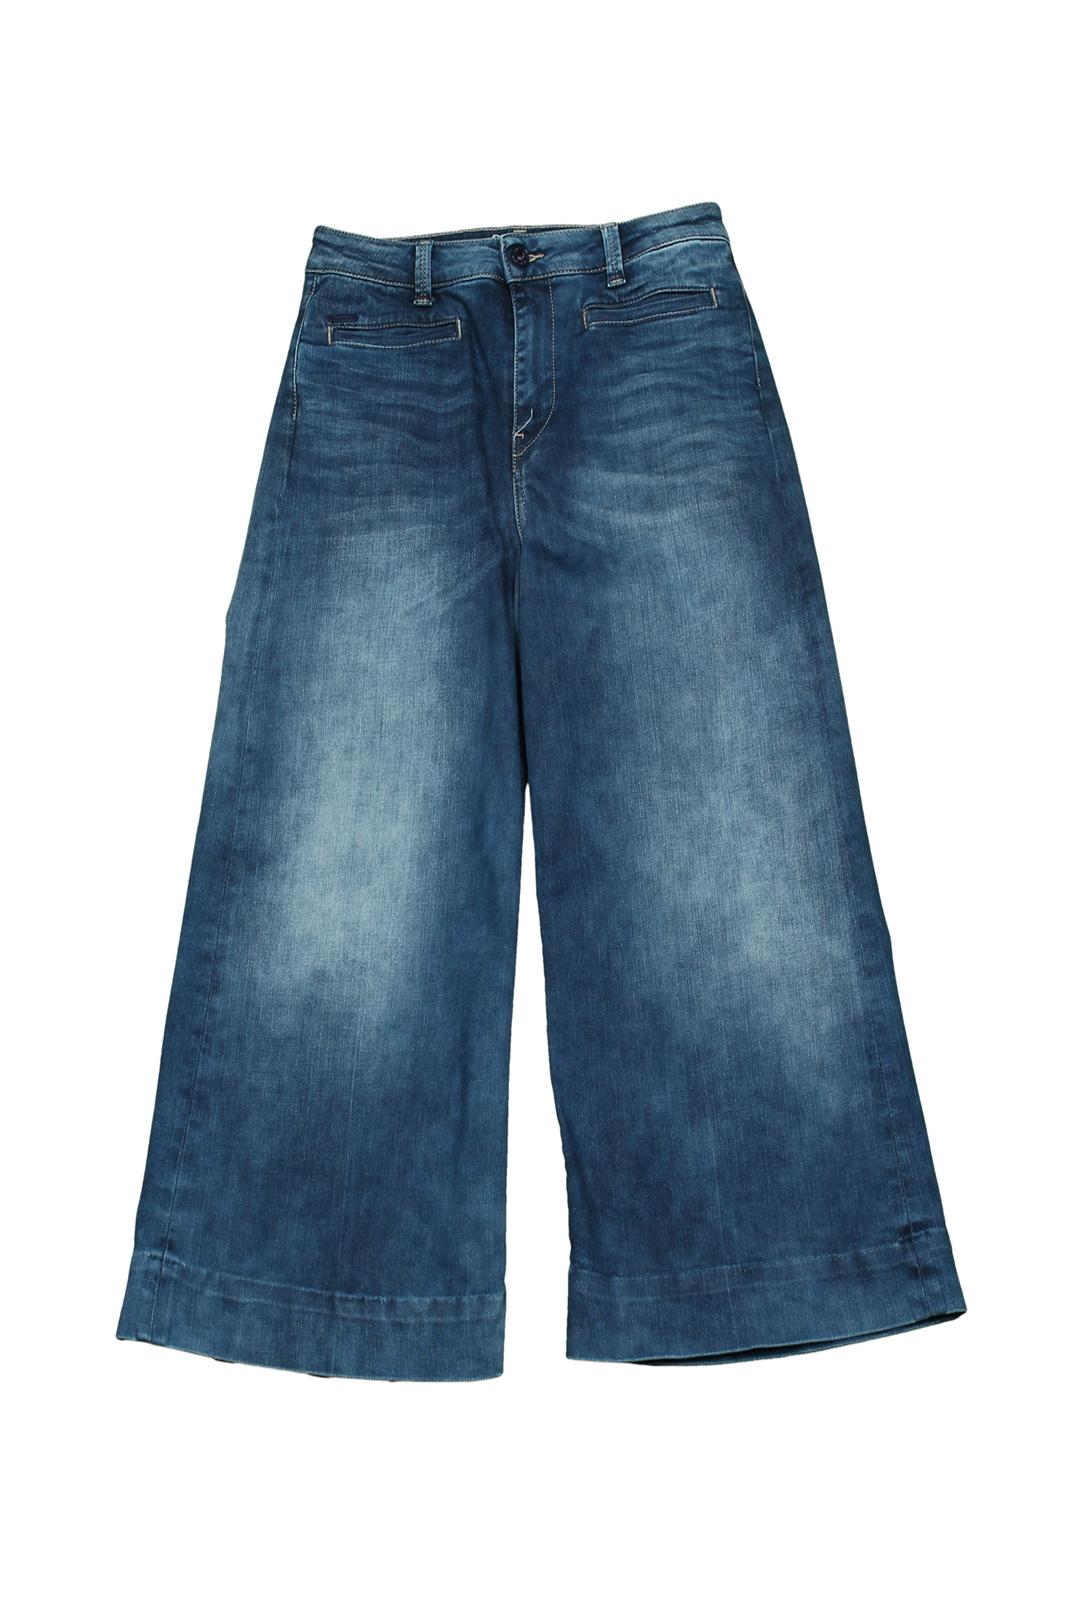 Bas  Pepe jeans PG200541 wendie bleu